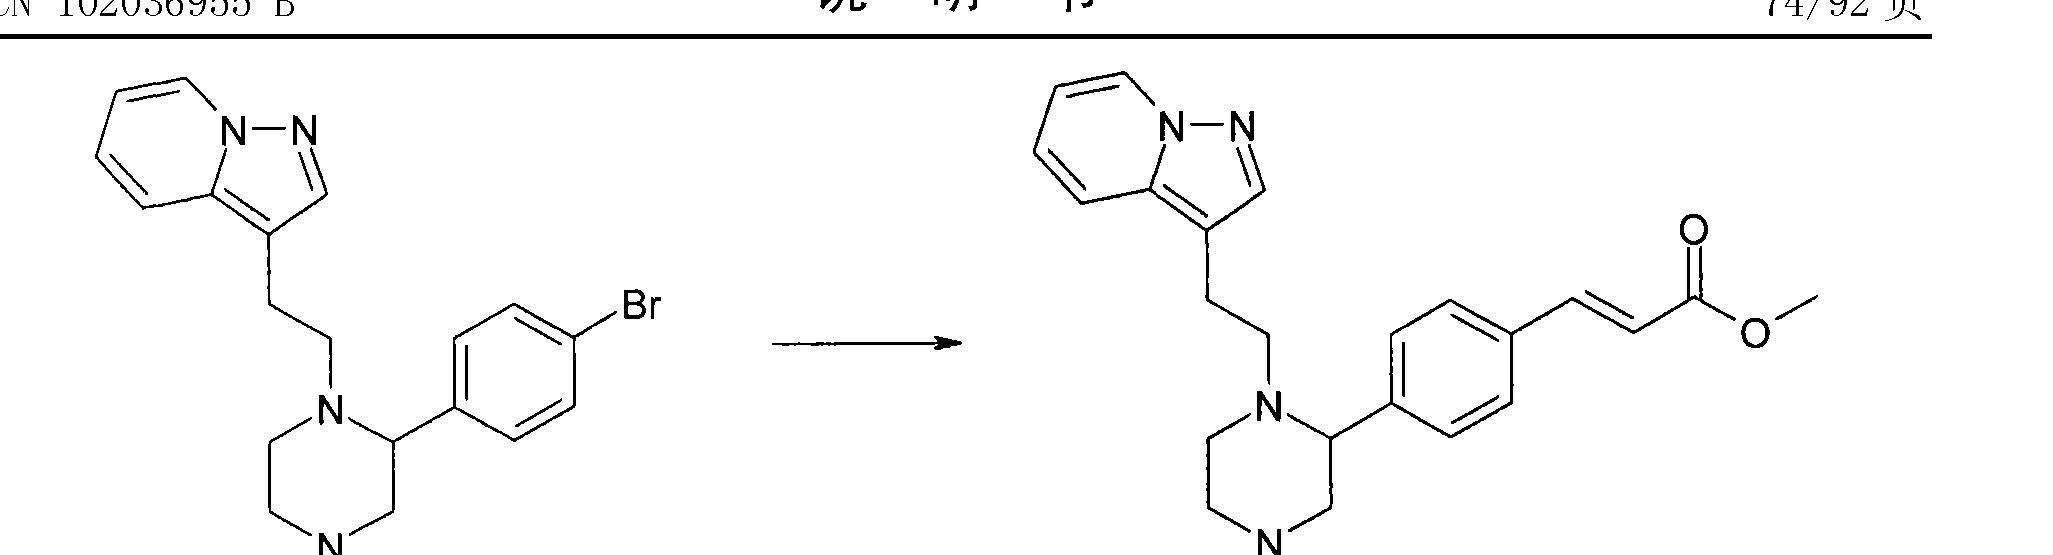 Figure CN102036955BD00861